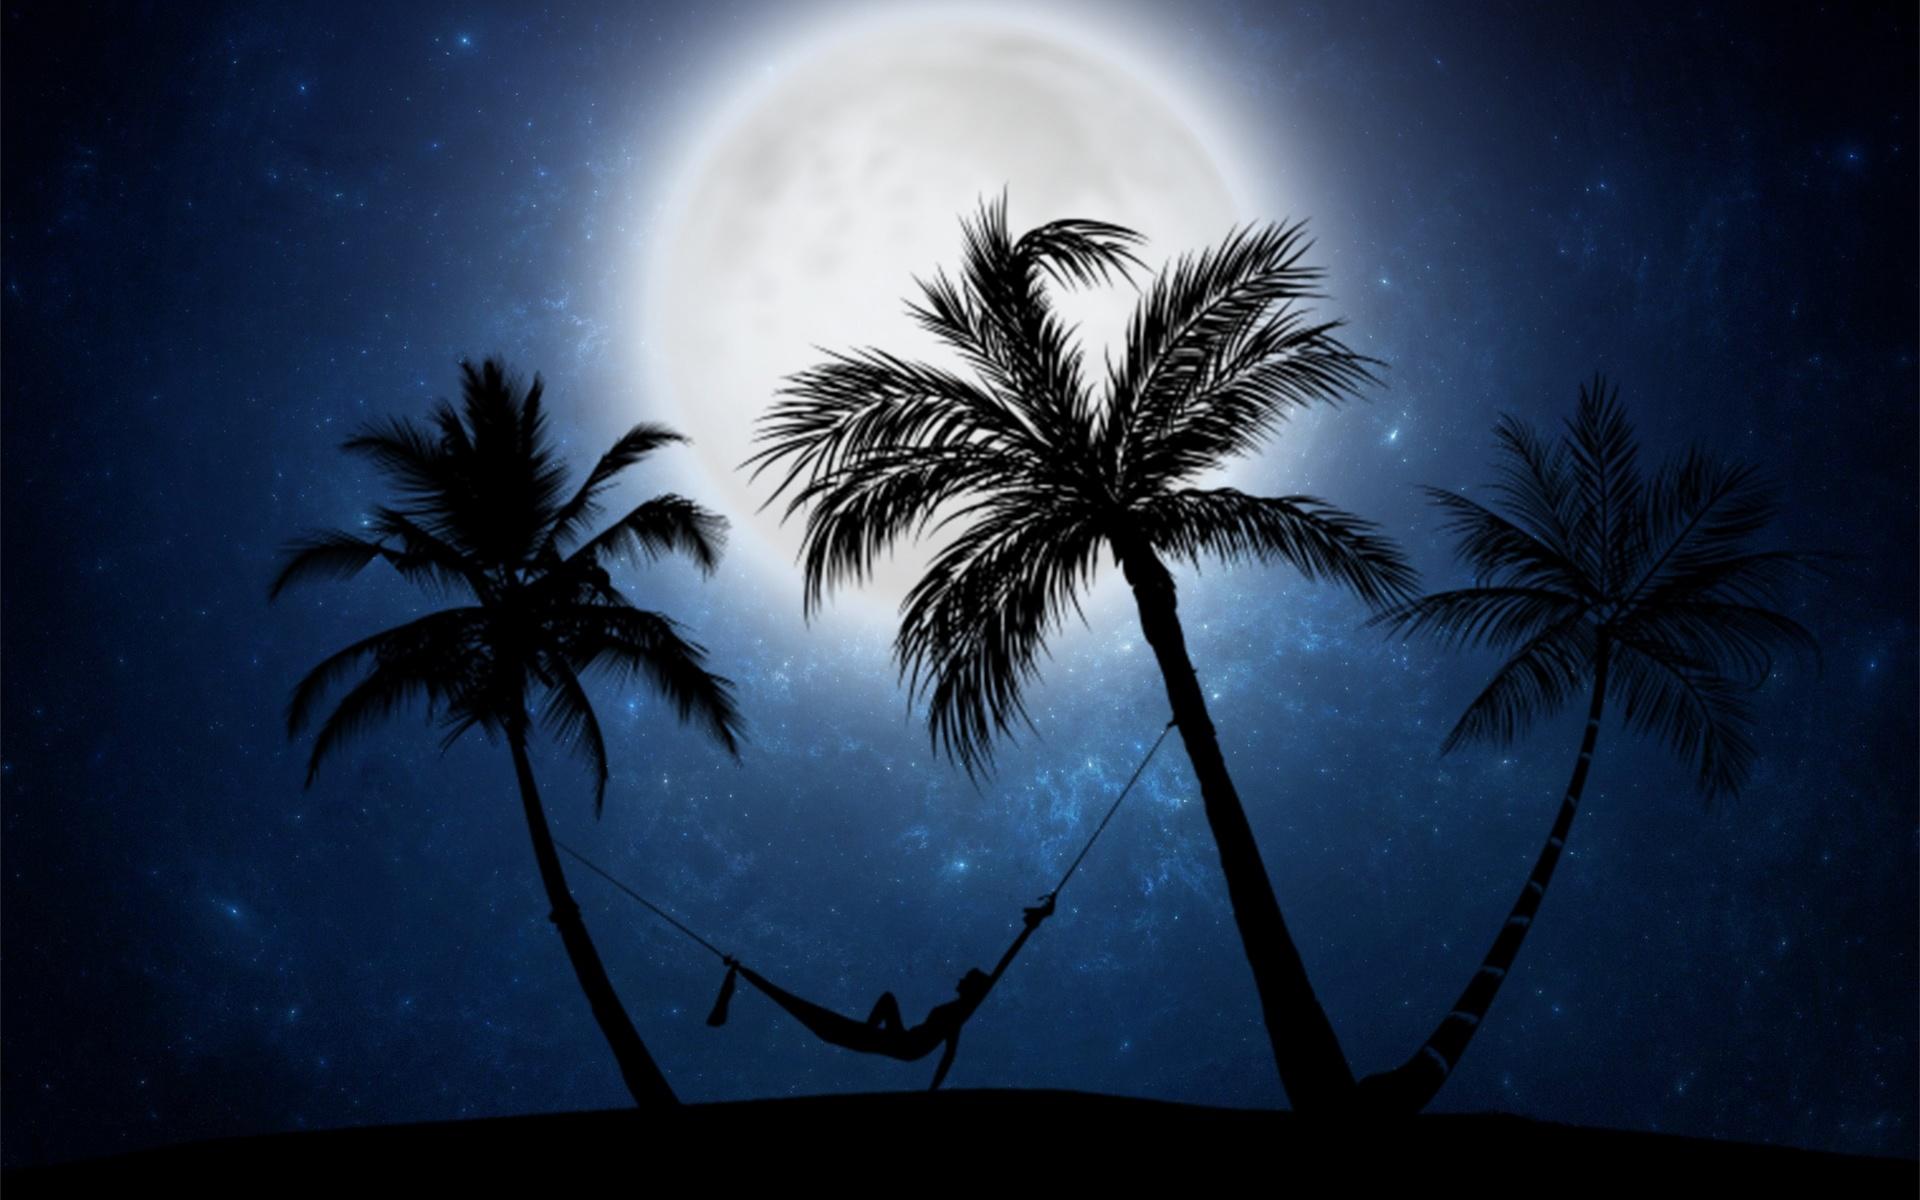 луна, пальмы, ночь